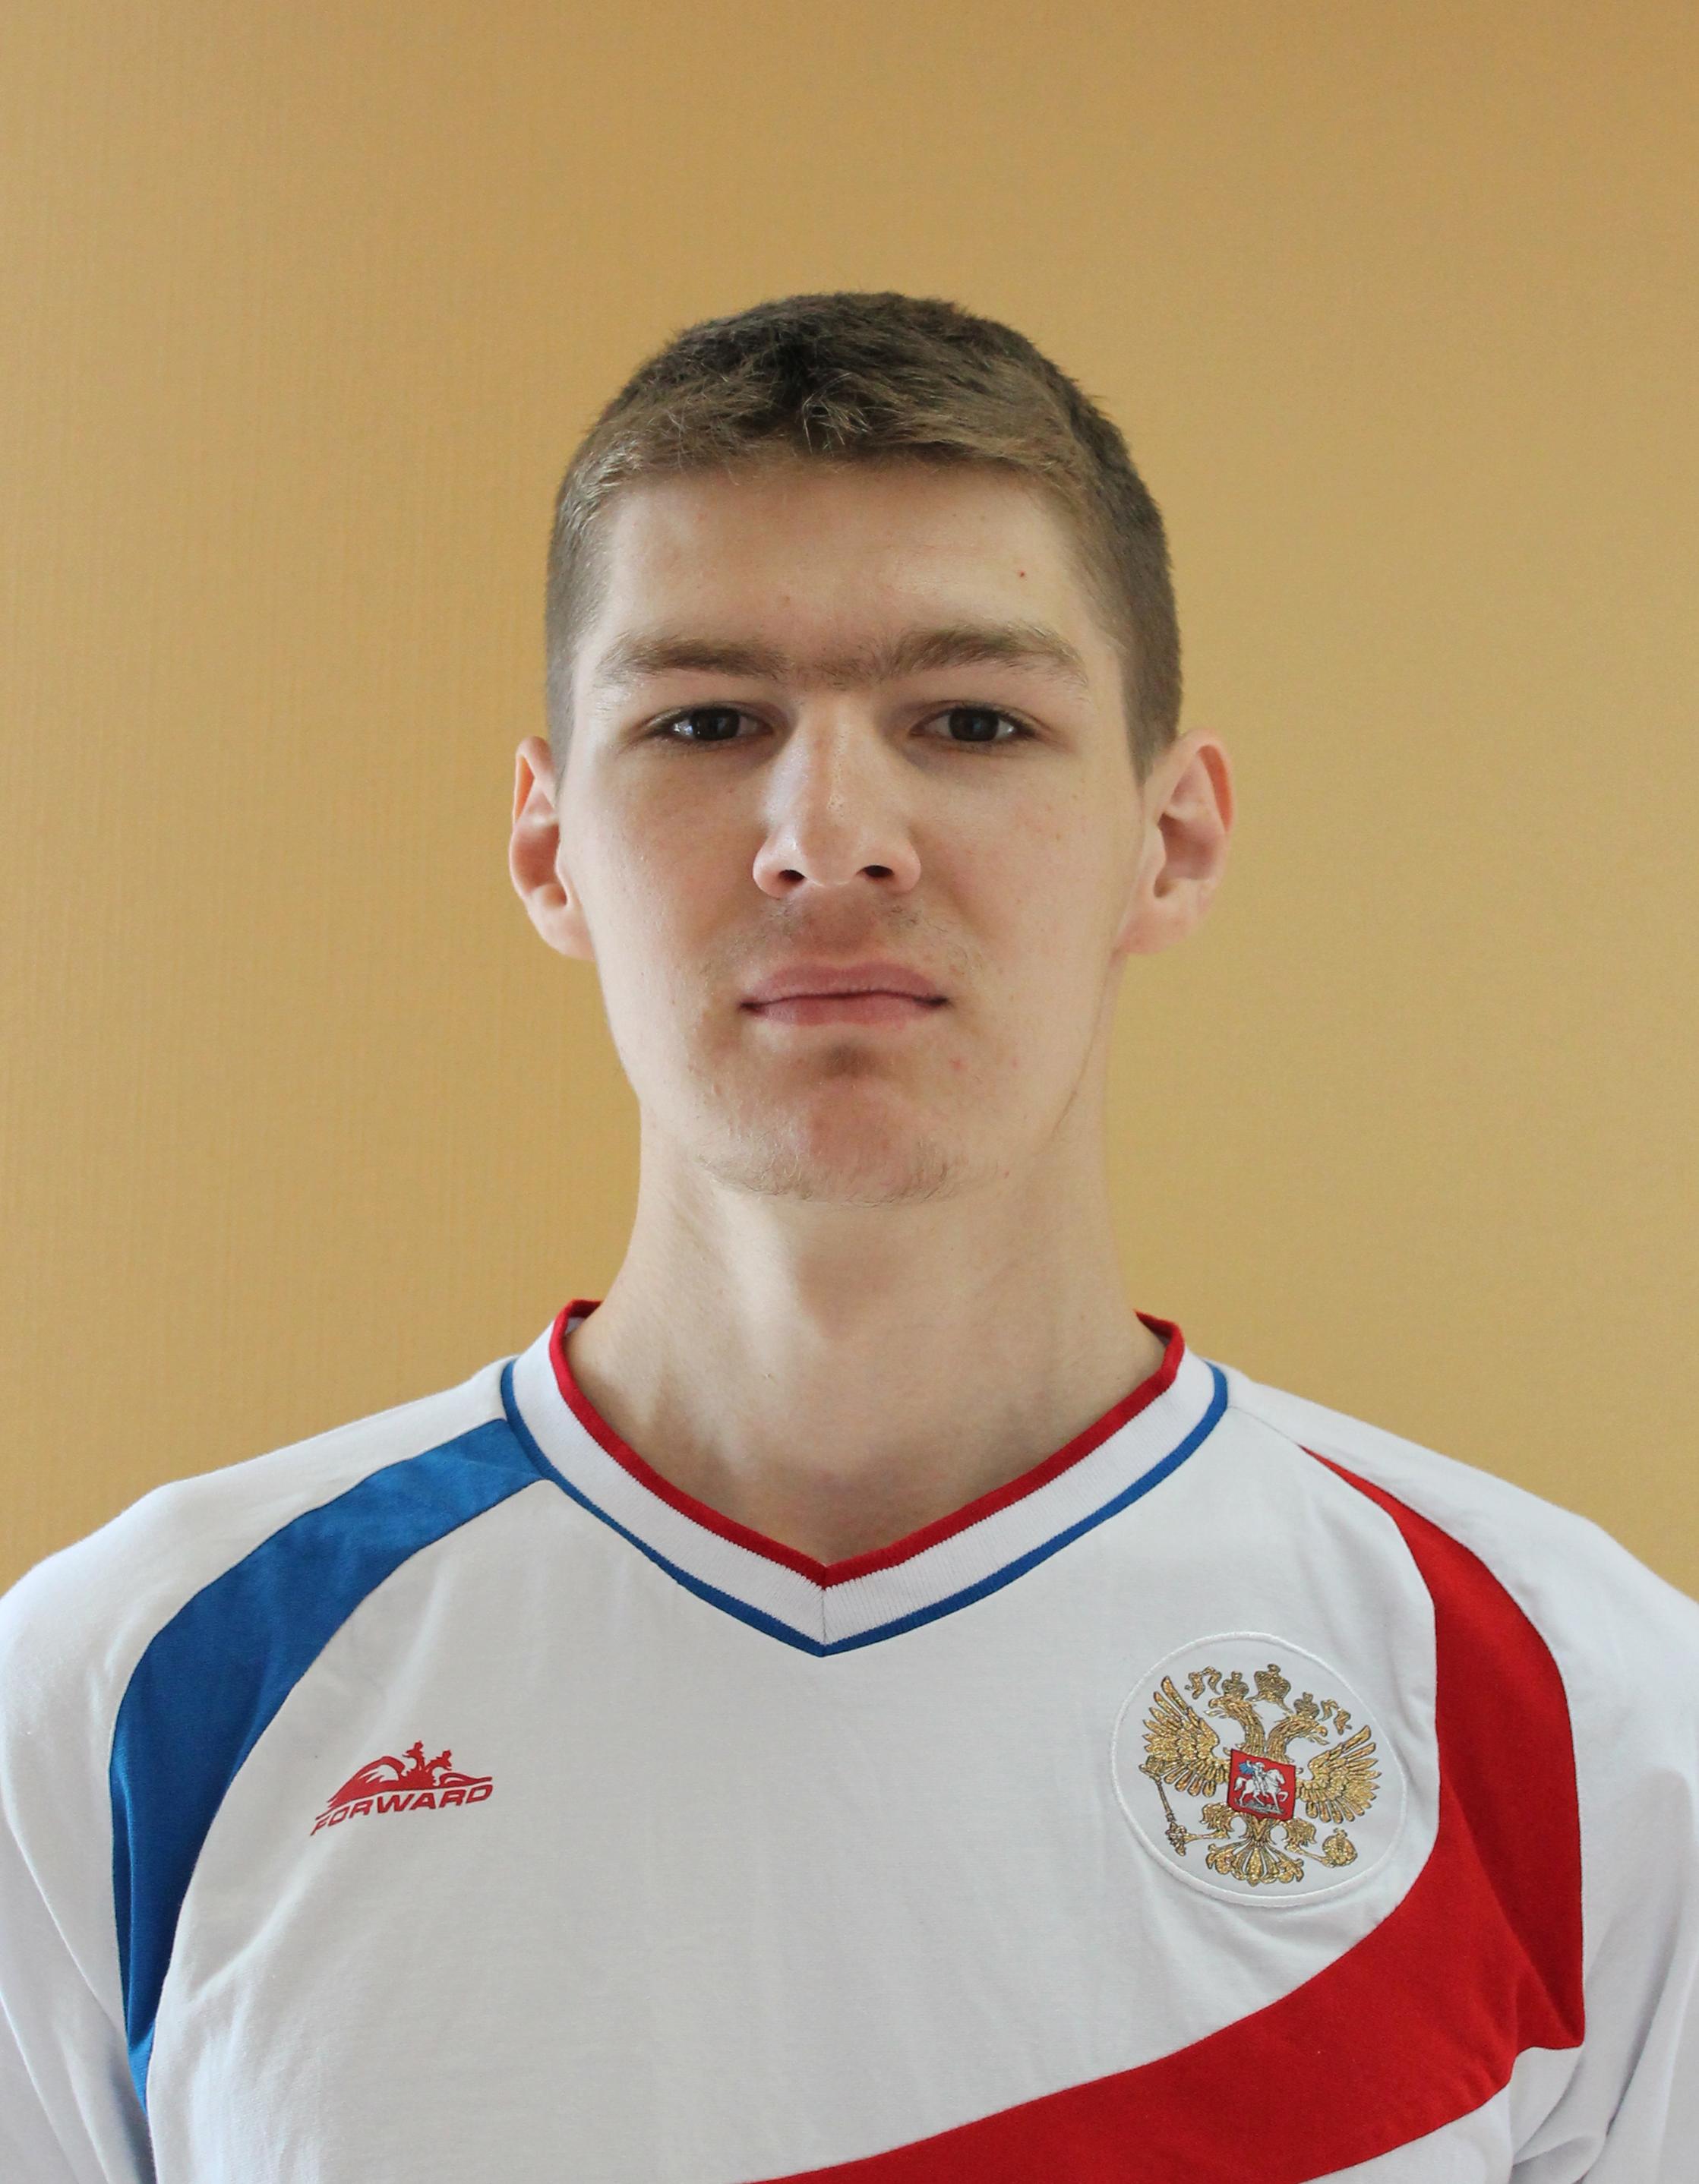 Ivan Demakov